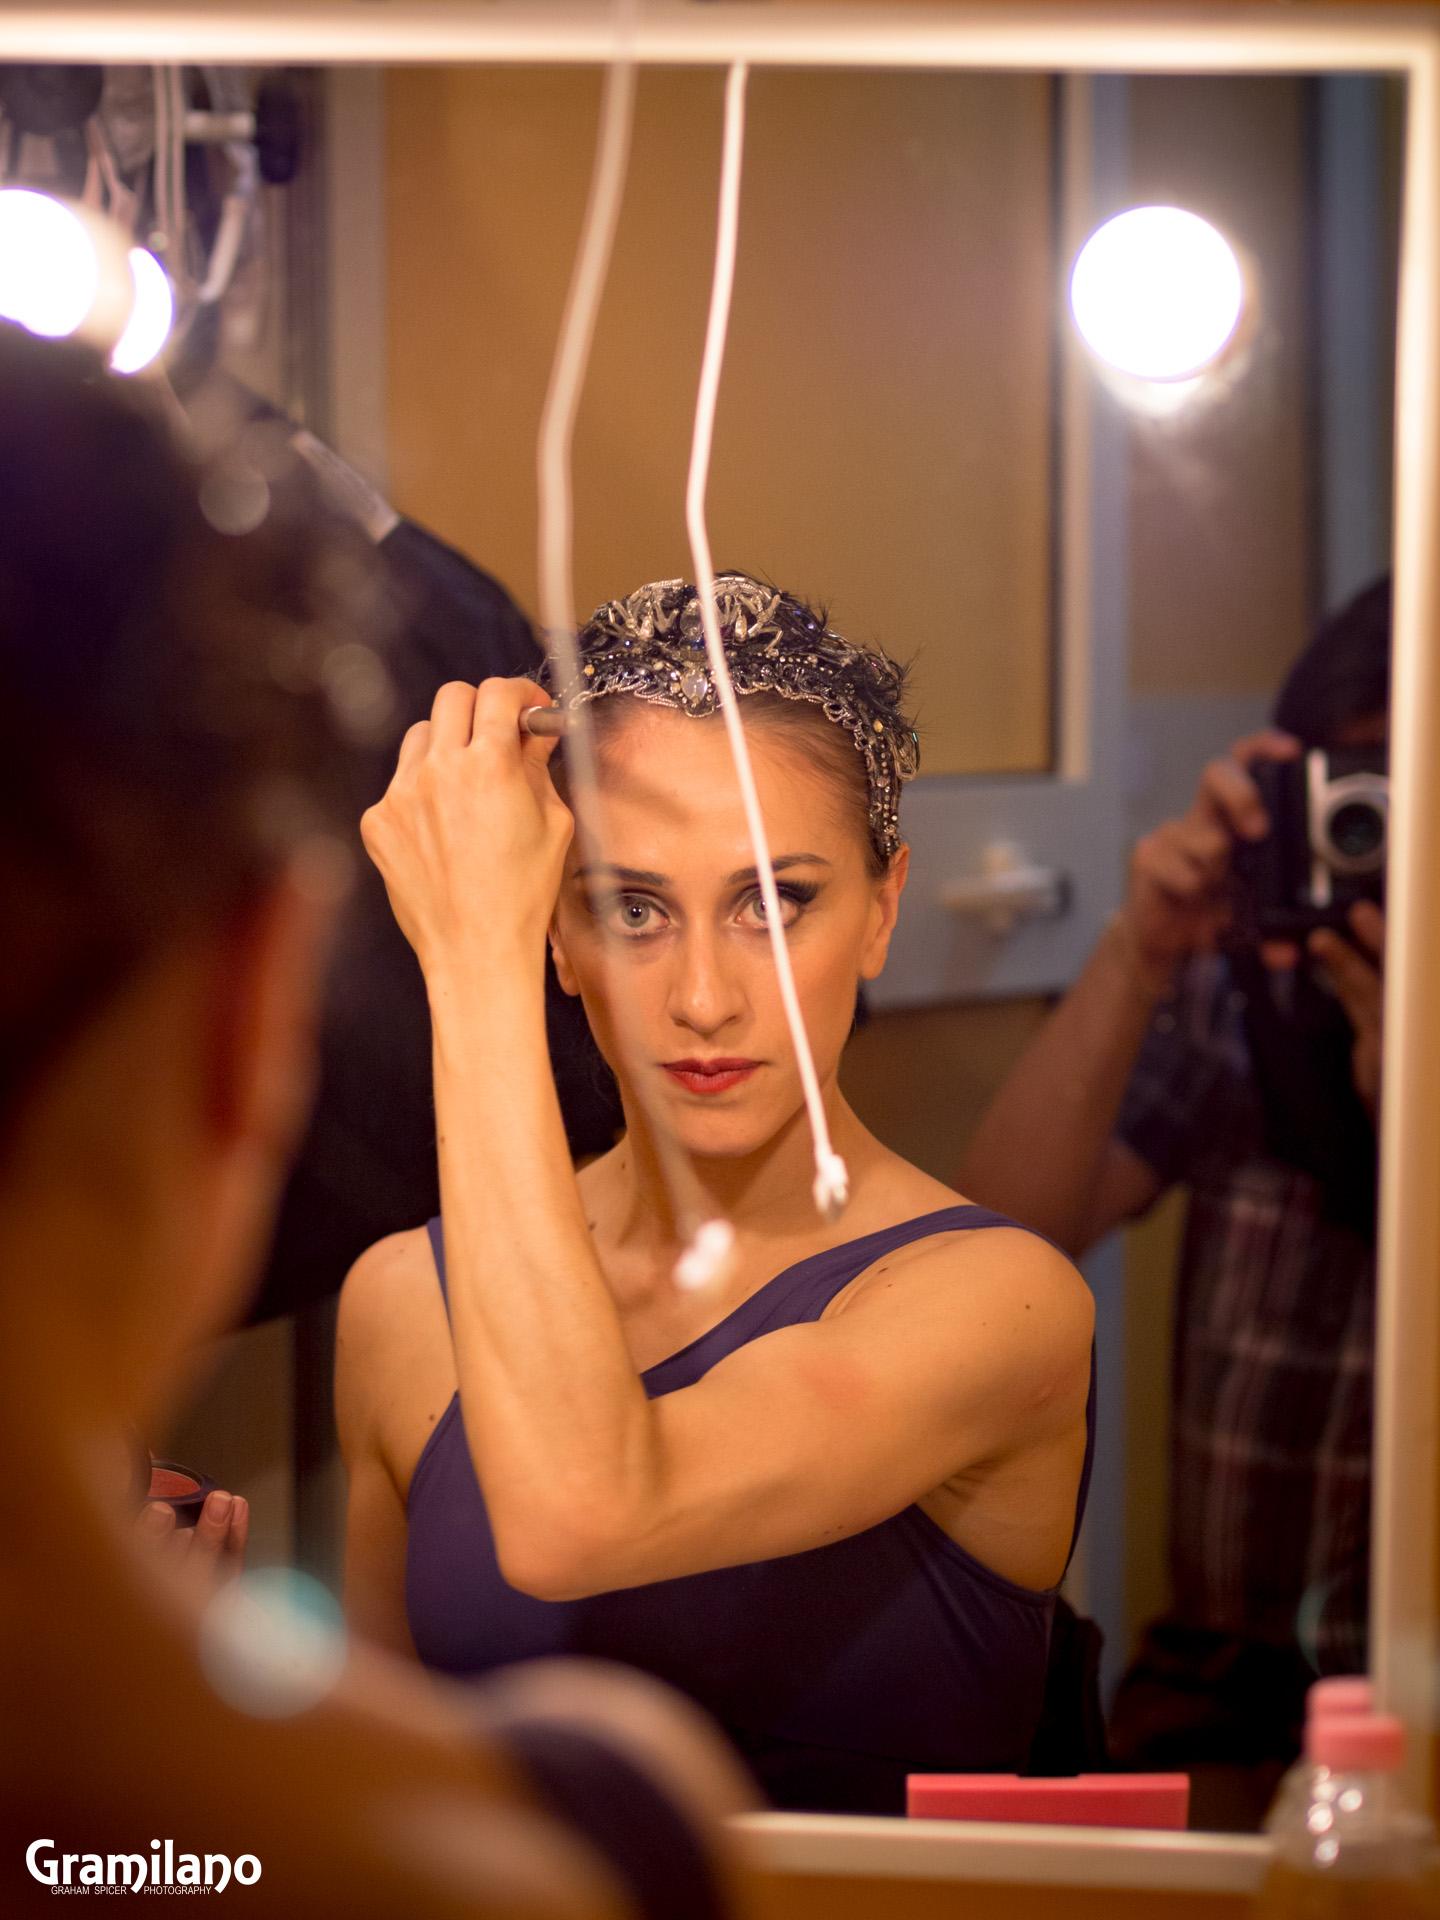 Marianela Nuñez (The Royal Ballet)